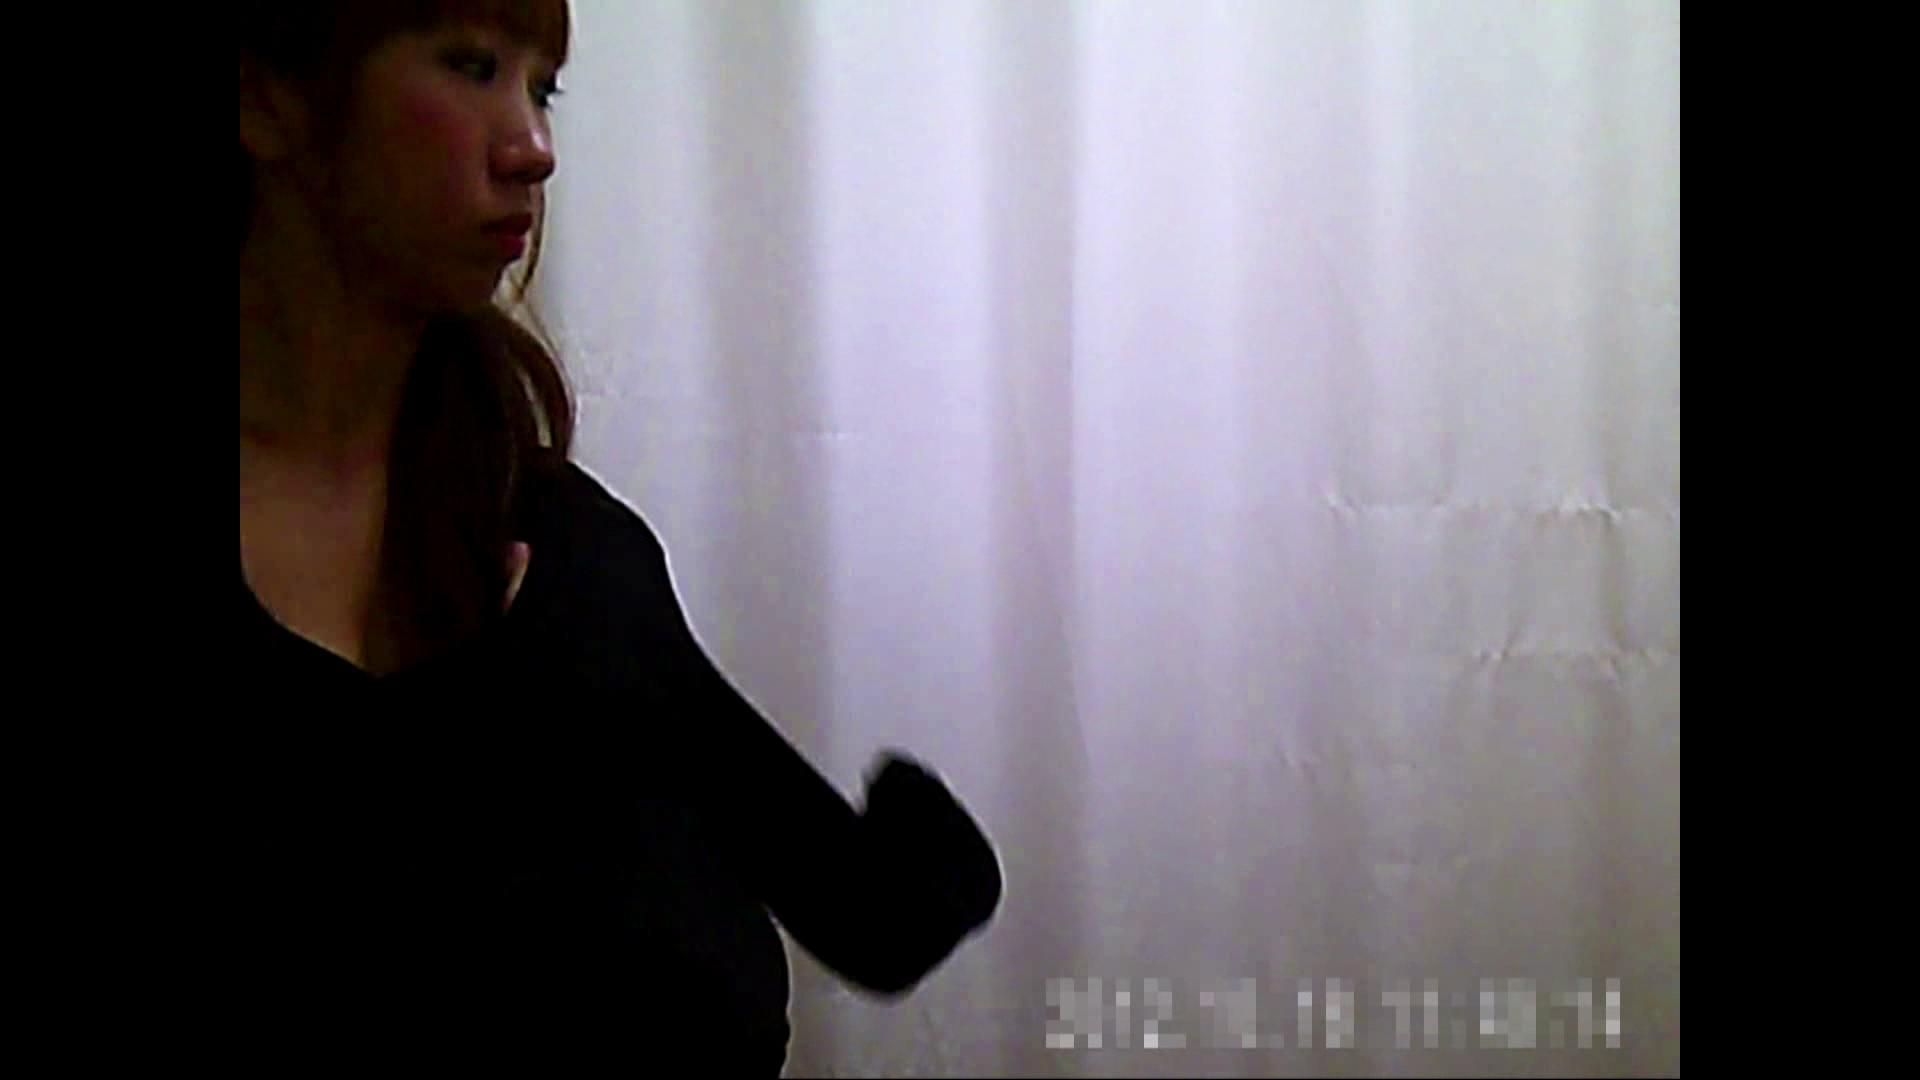 元医者による反抗 更衣室地獄絵巻 vol.053 エッチなお姉さん  49画像 21